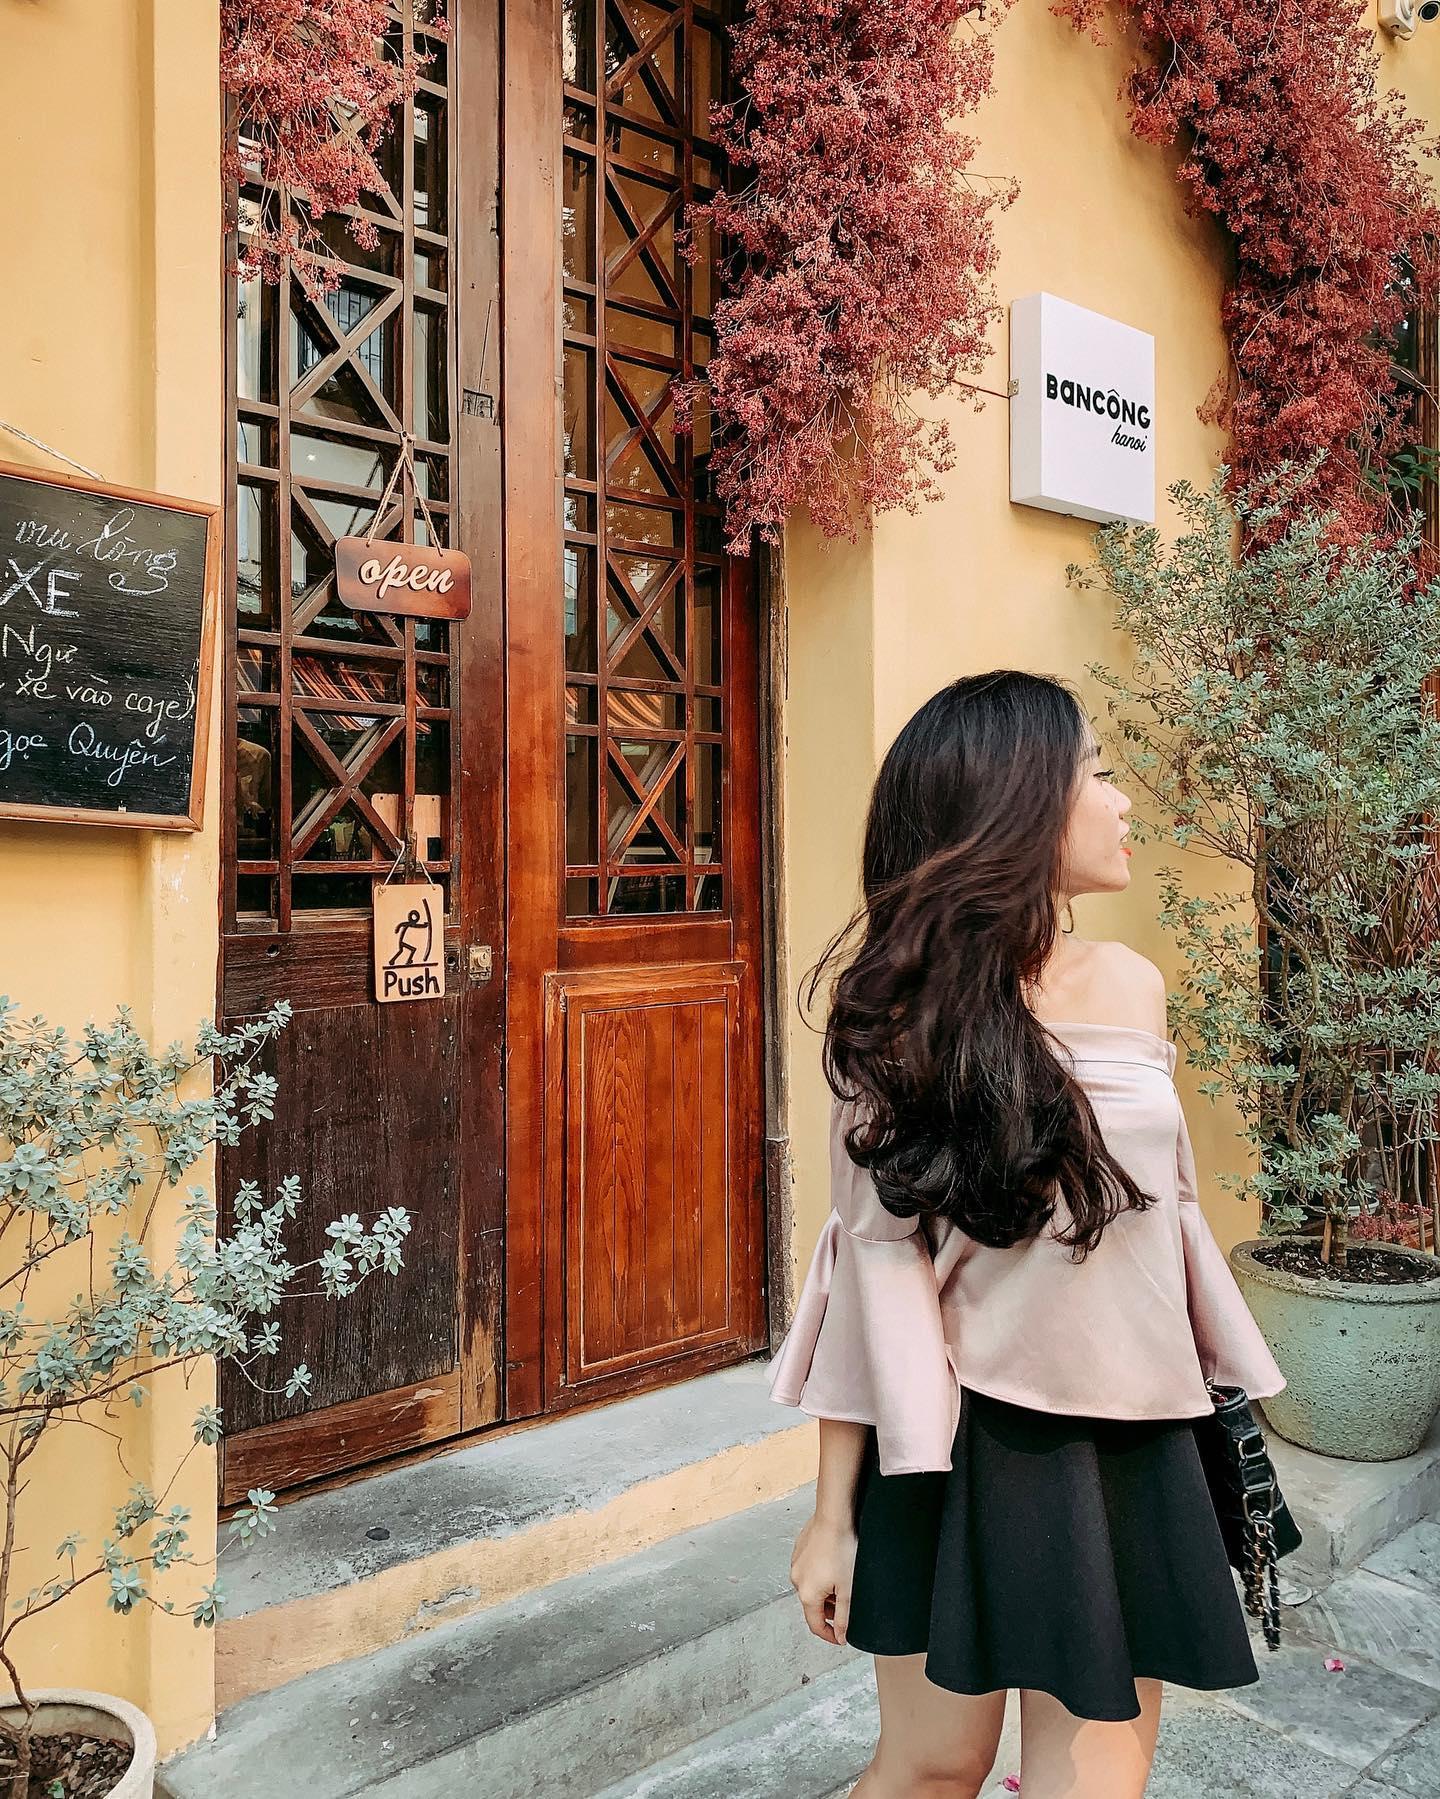 ha-noi-ban-cong-cafe-79